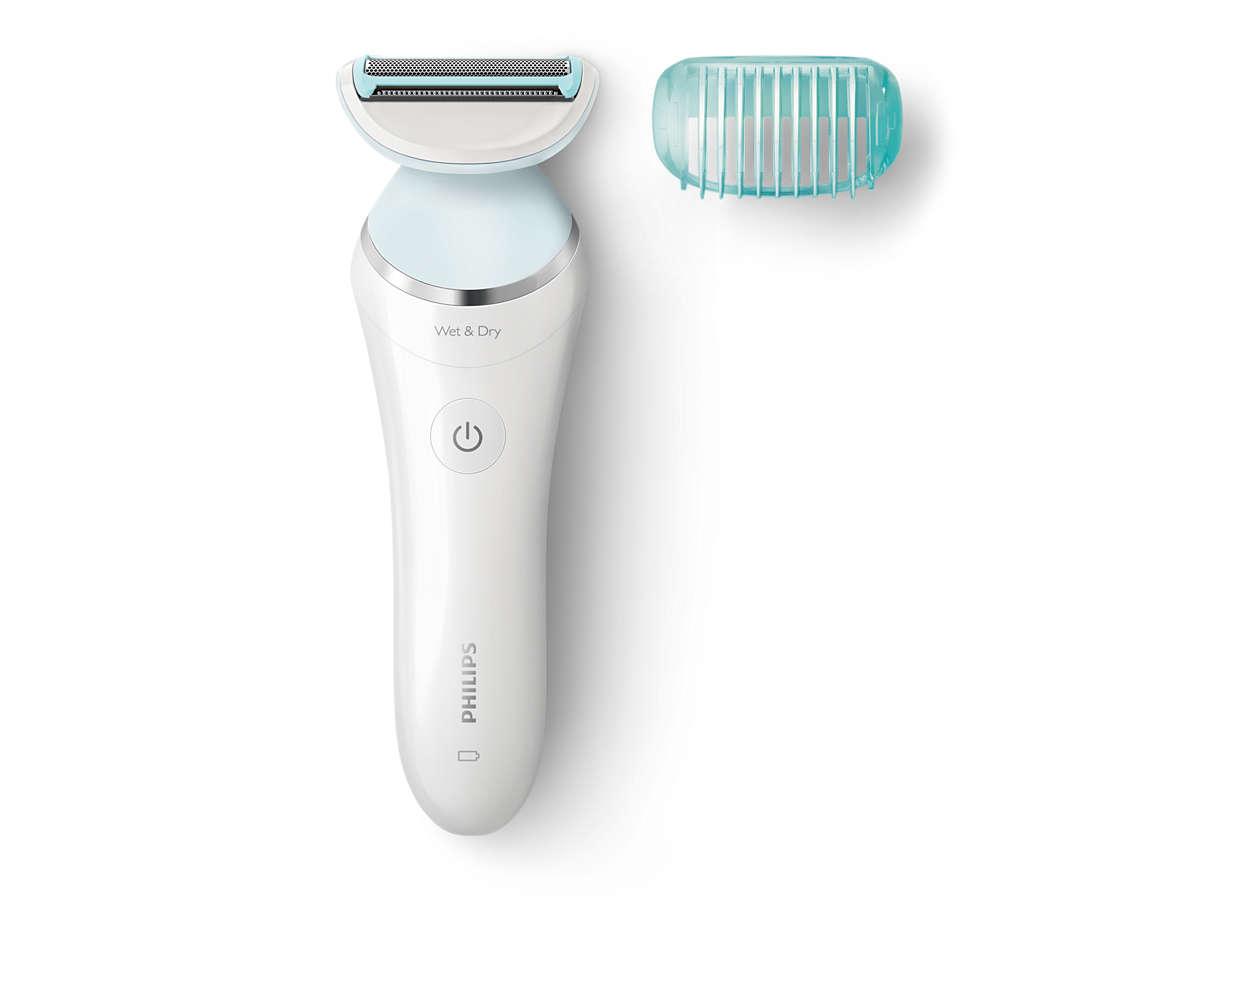 Behagelig barbering uten røde prikker eller irritert hud